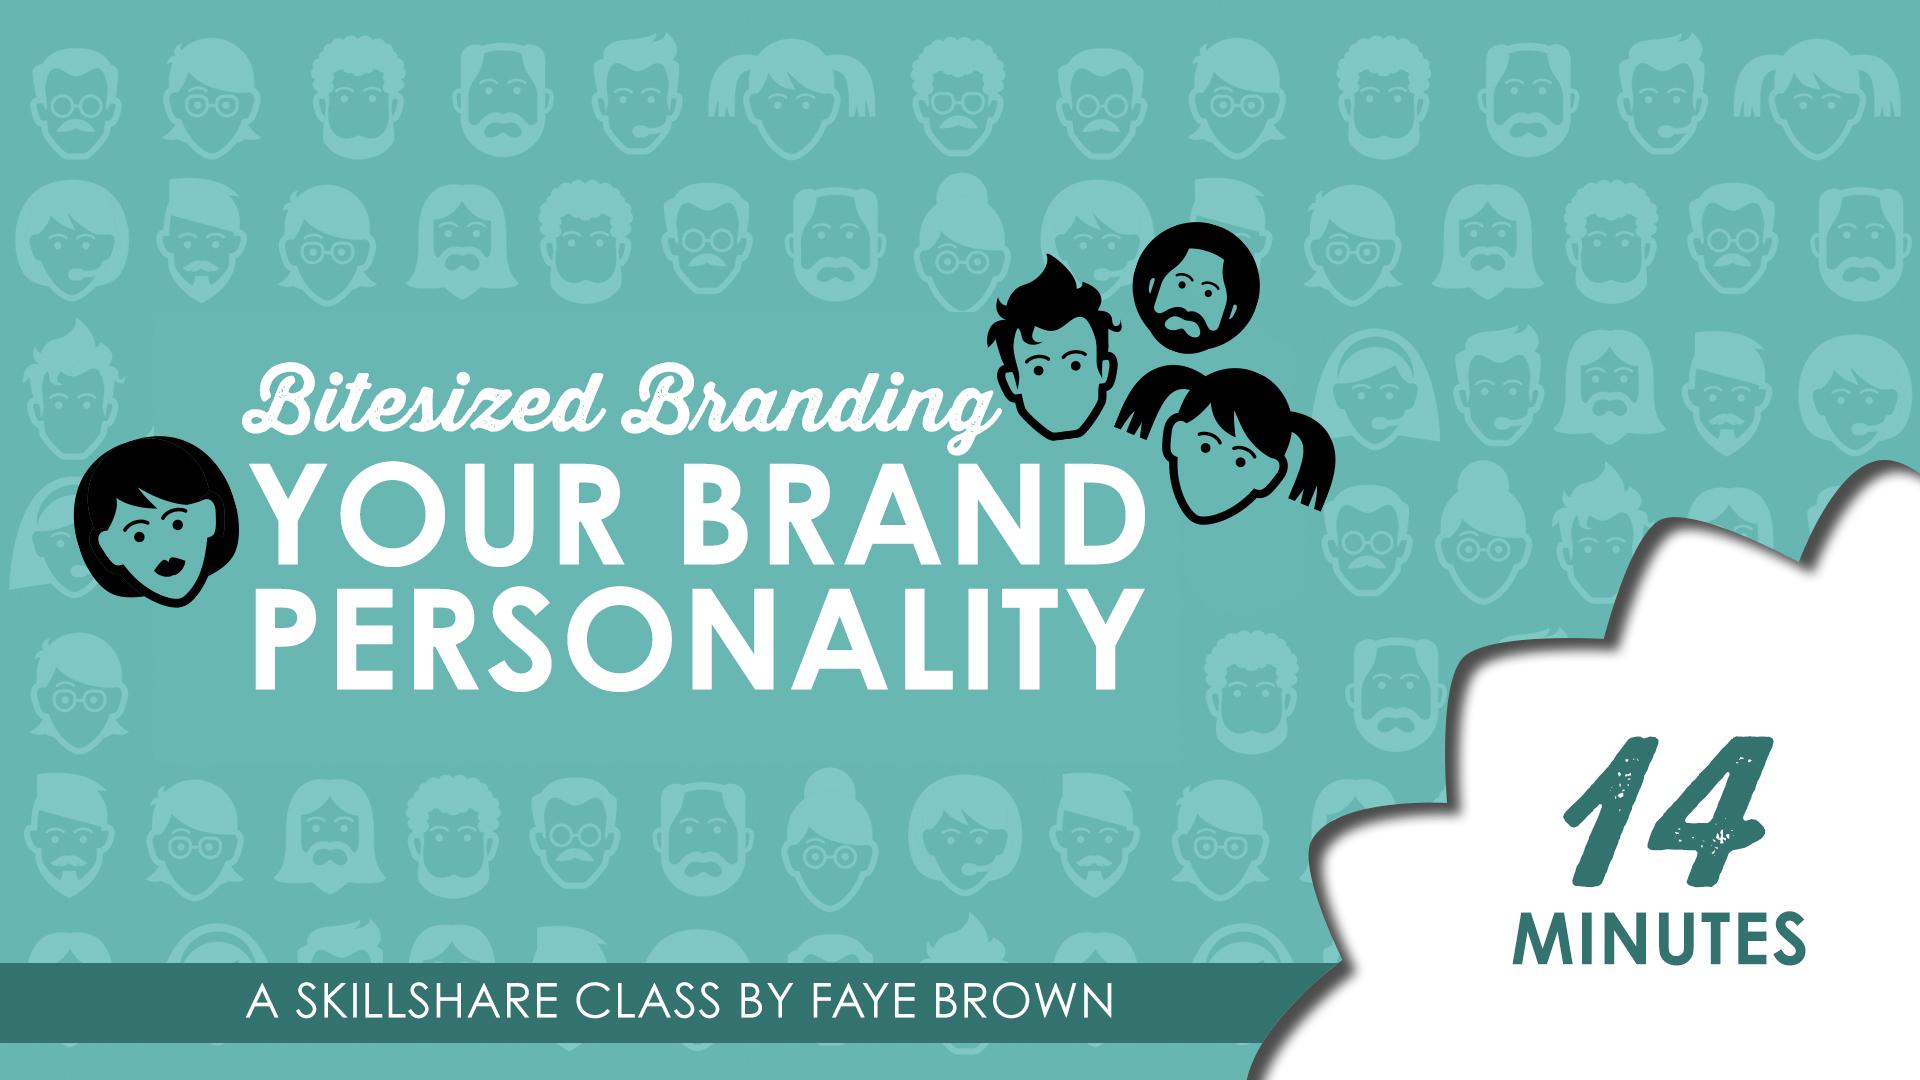 BITESIZED BRANDING: YOUR BRAND PERSONALITY